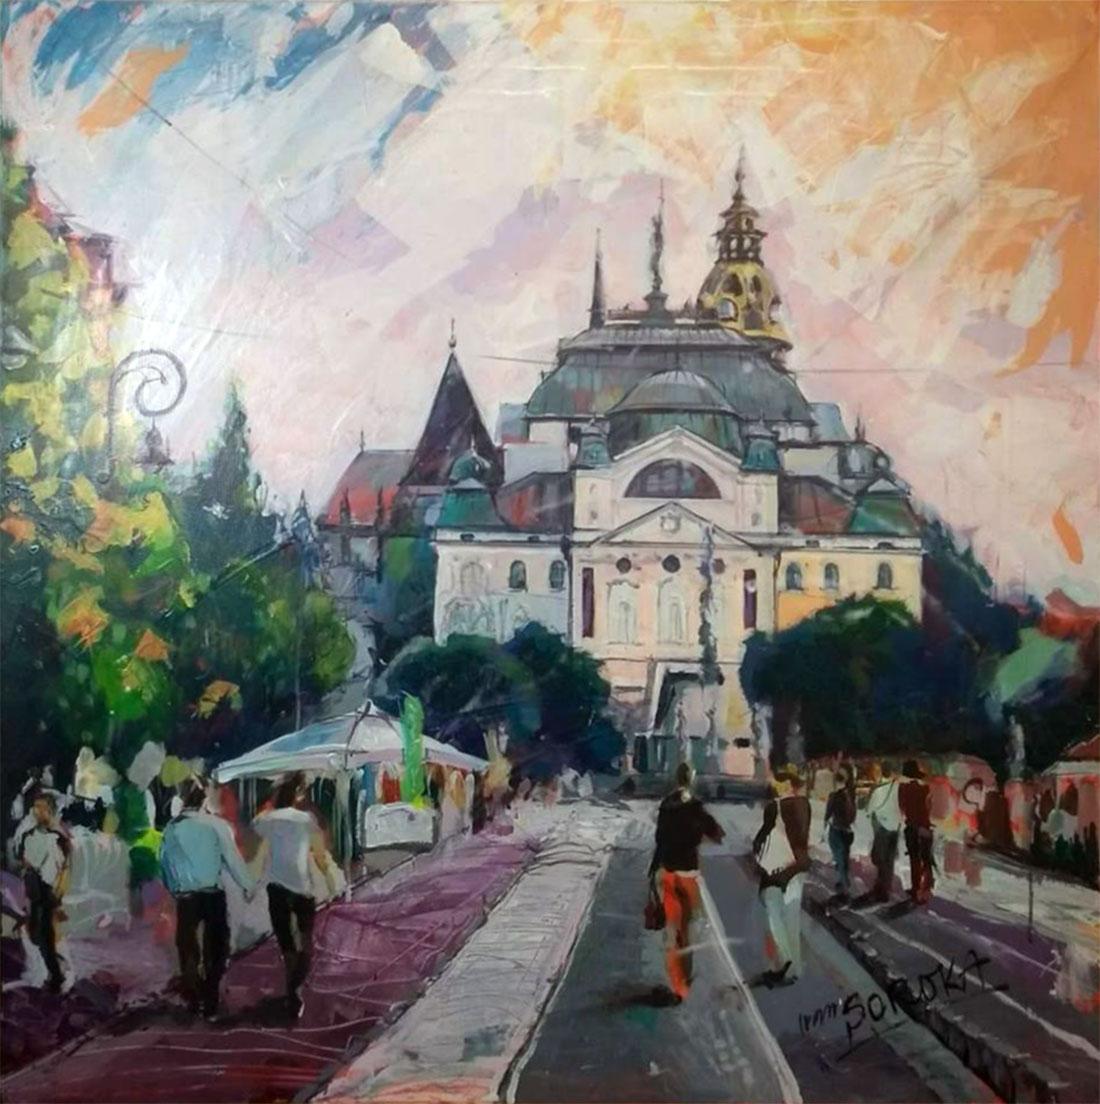 Ivan Soroka - Pešia zóna